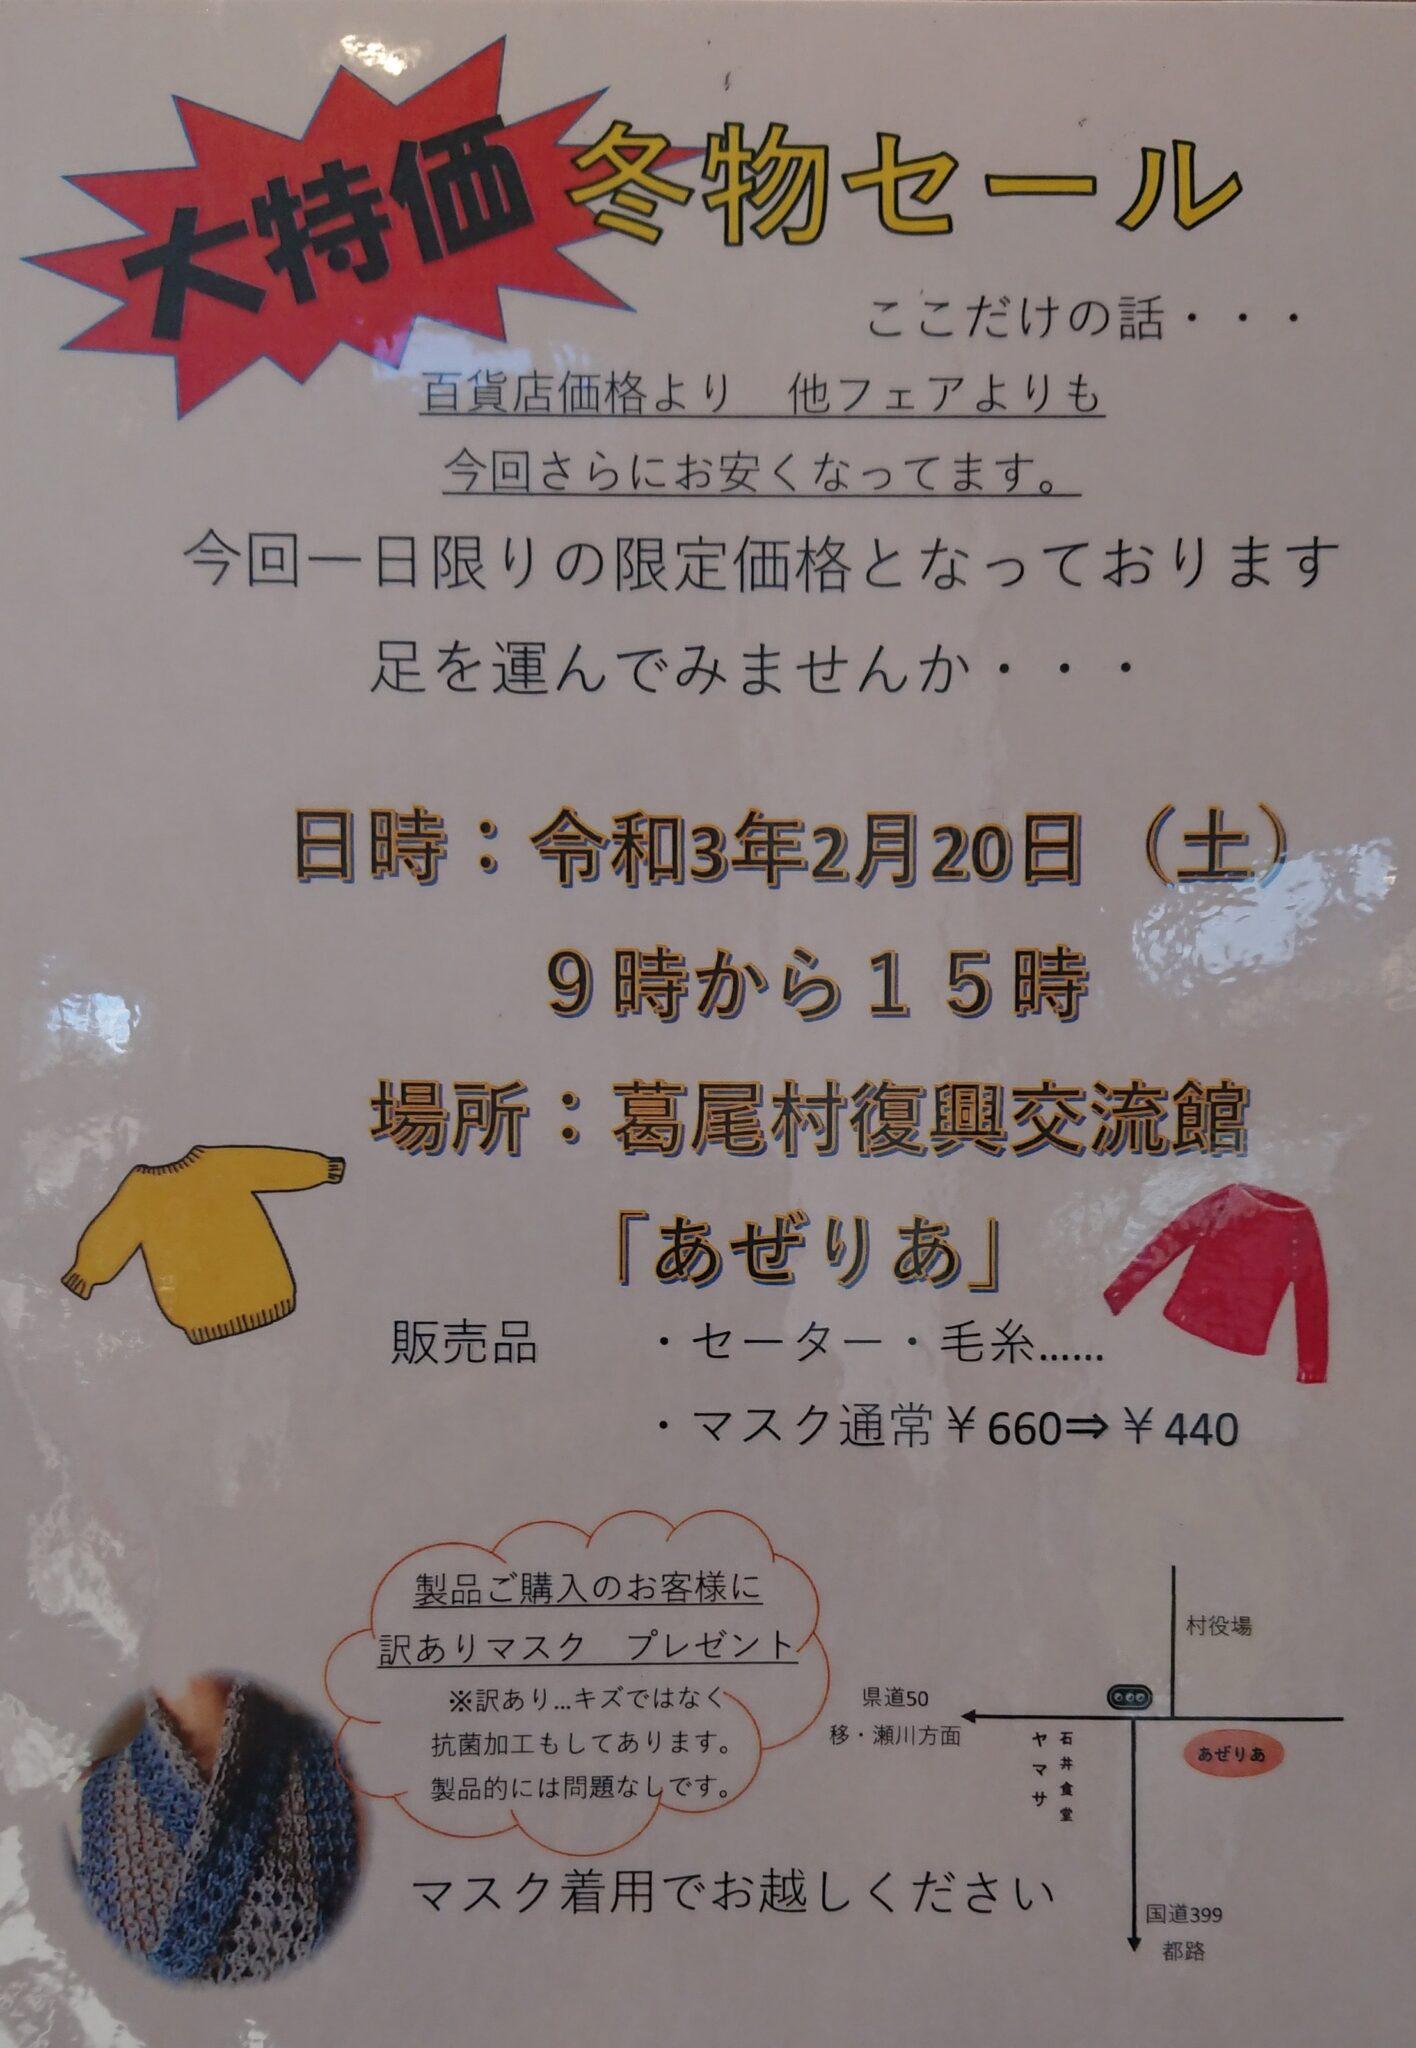 チラシ_金泉ニット冬物セール